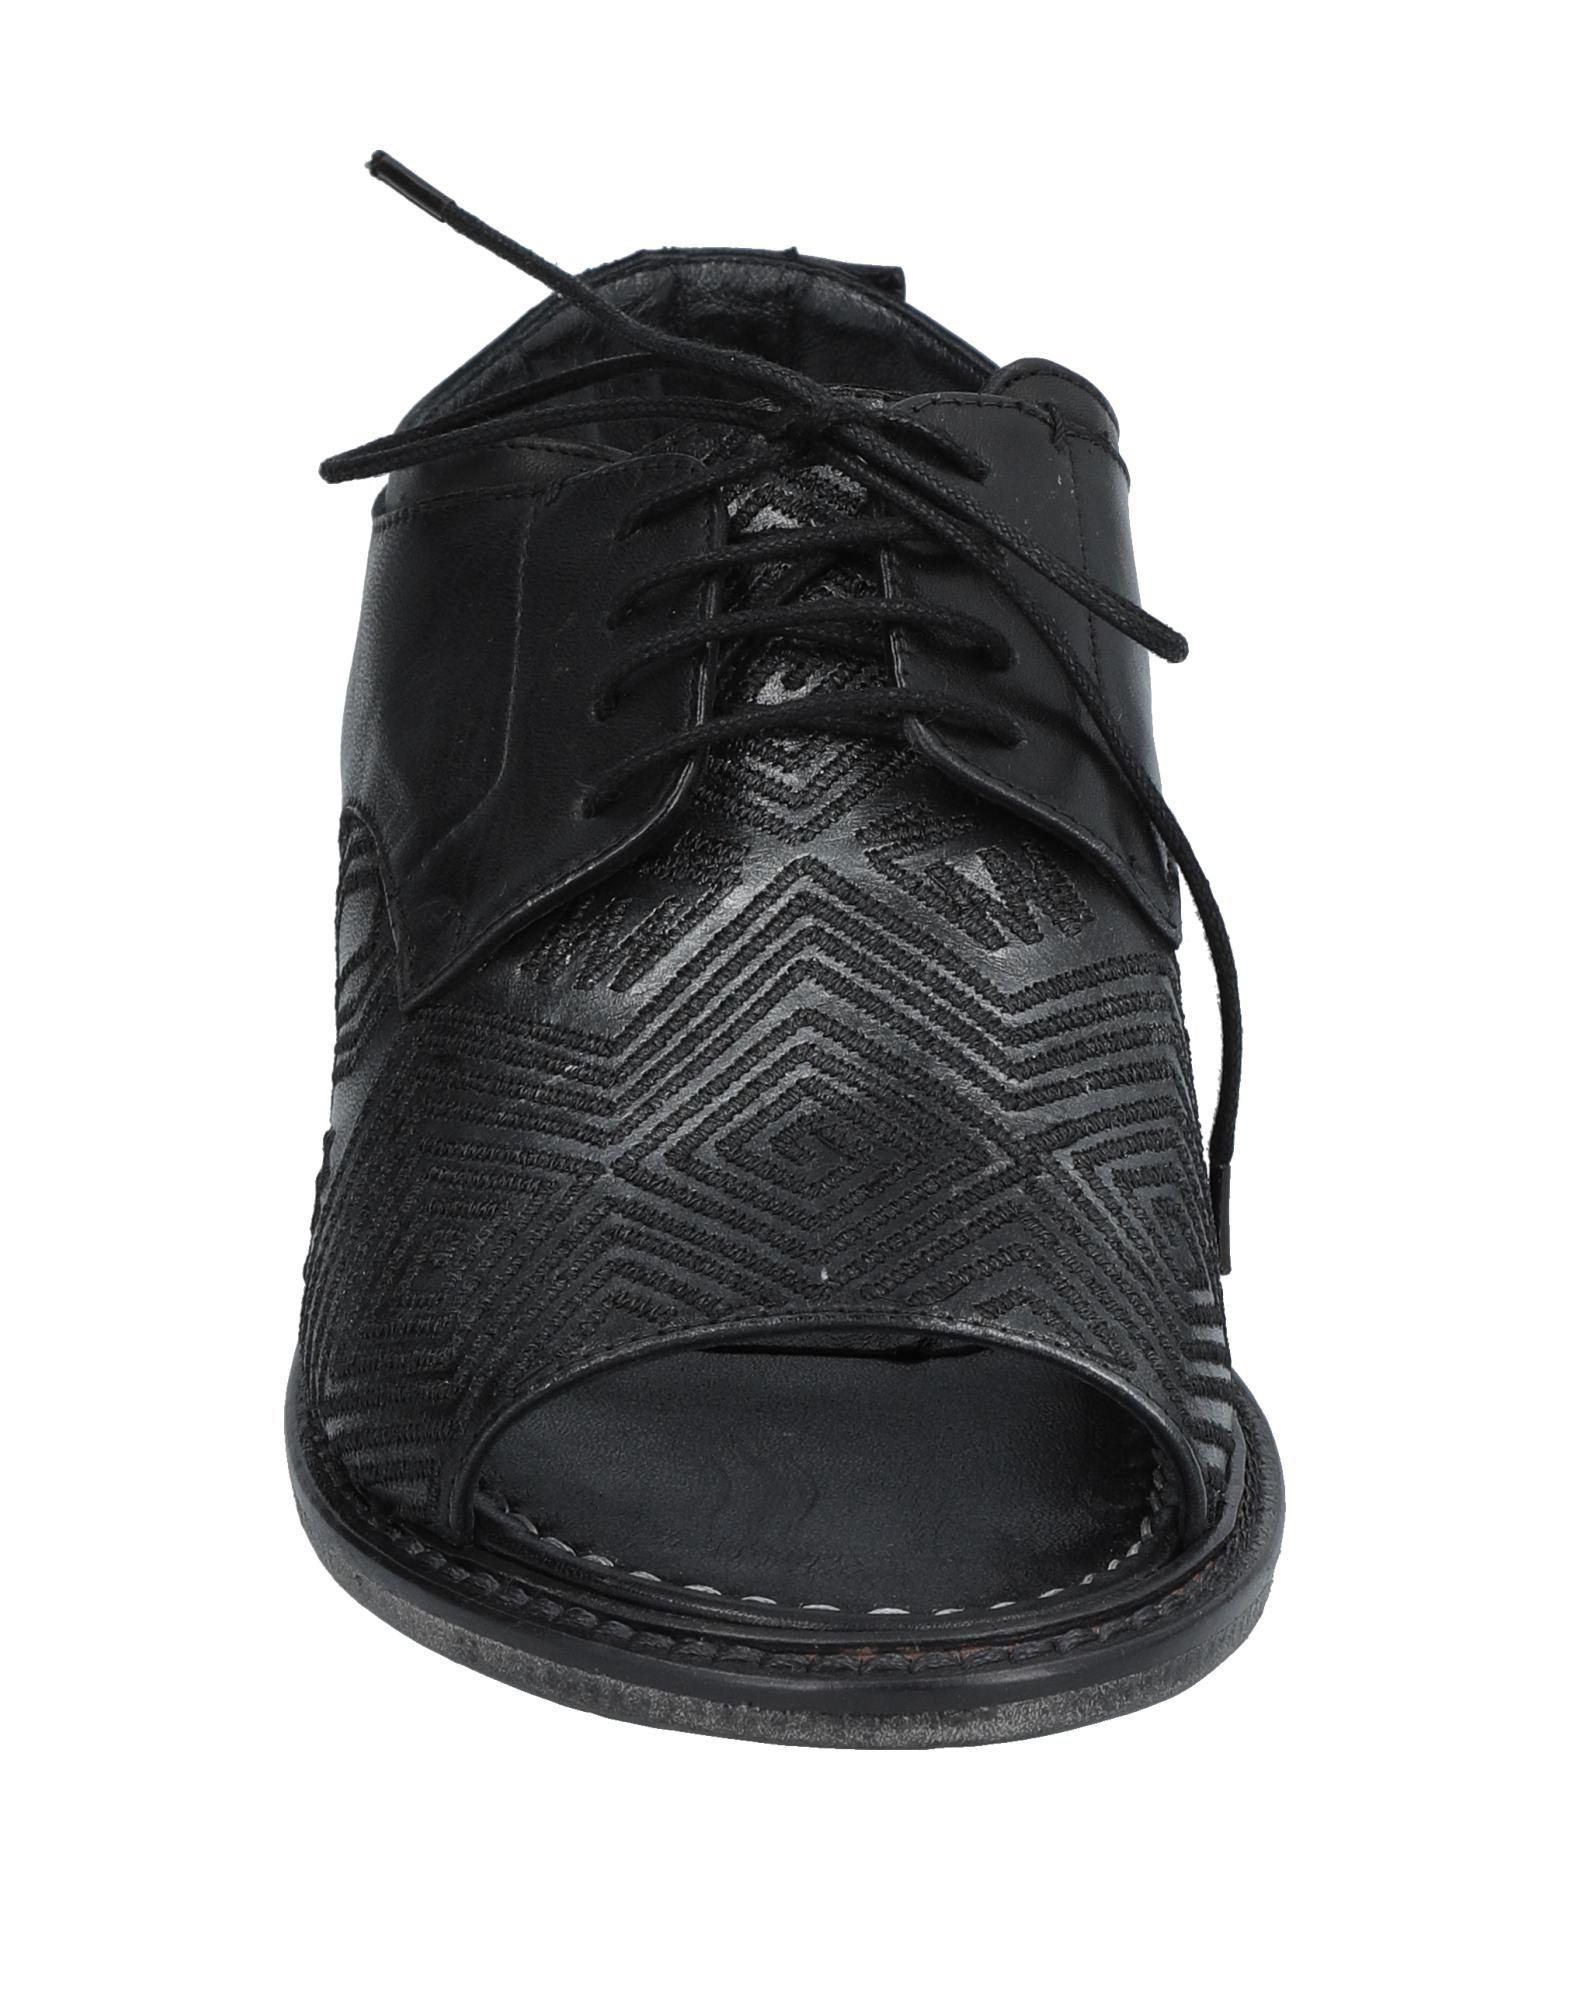 Gut um billige Schuhe Damen zu tragenLe Ruemarcel Sandalen Damen Schuhe  11504606LN 163254